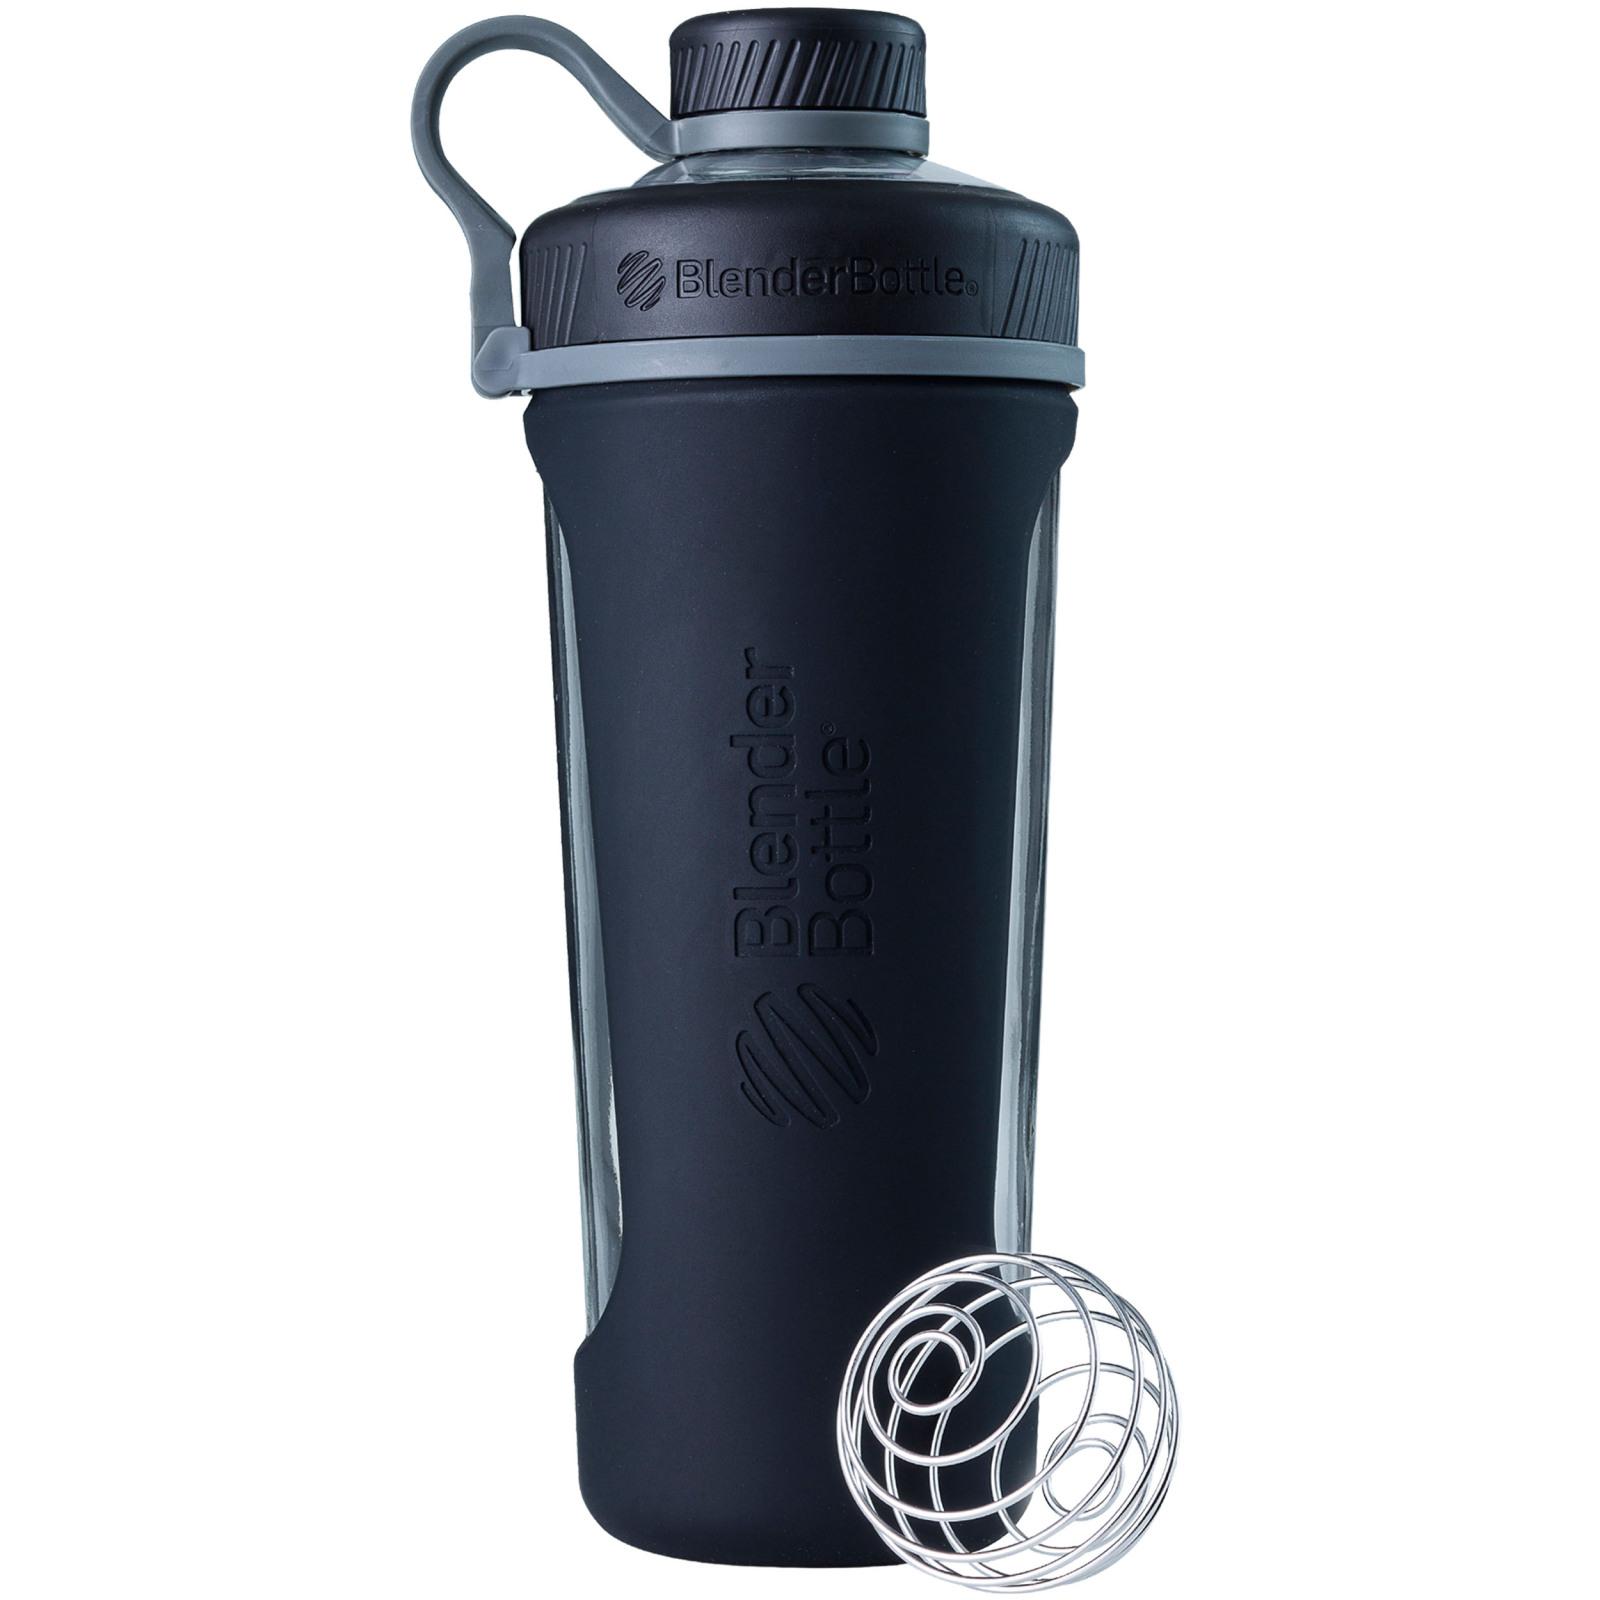 BlenderBottle 28oz Radian Glass Shaker Cup Black